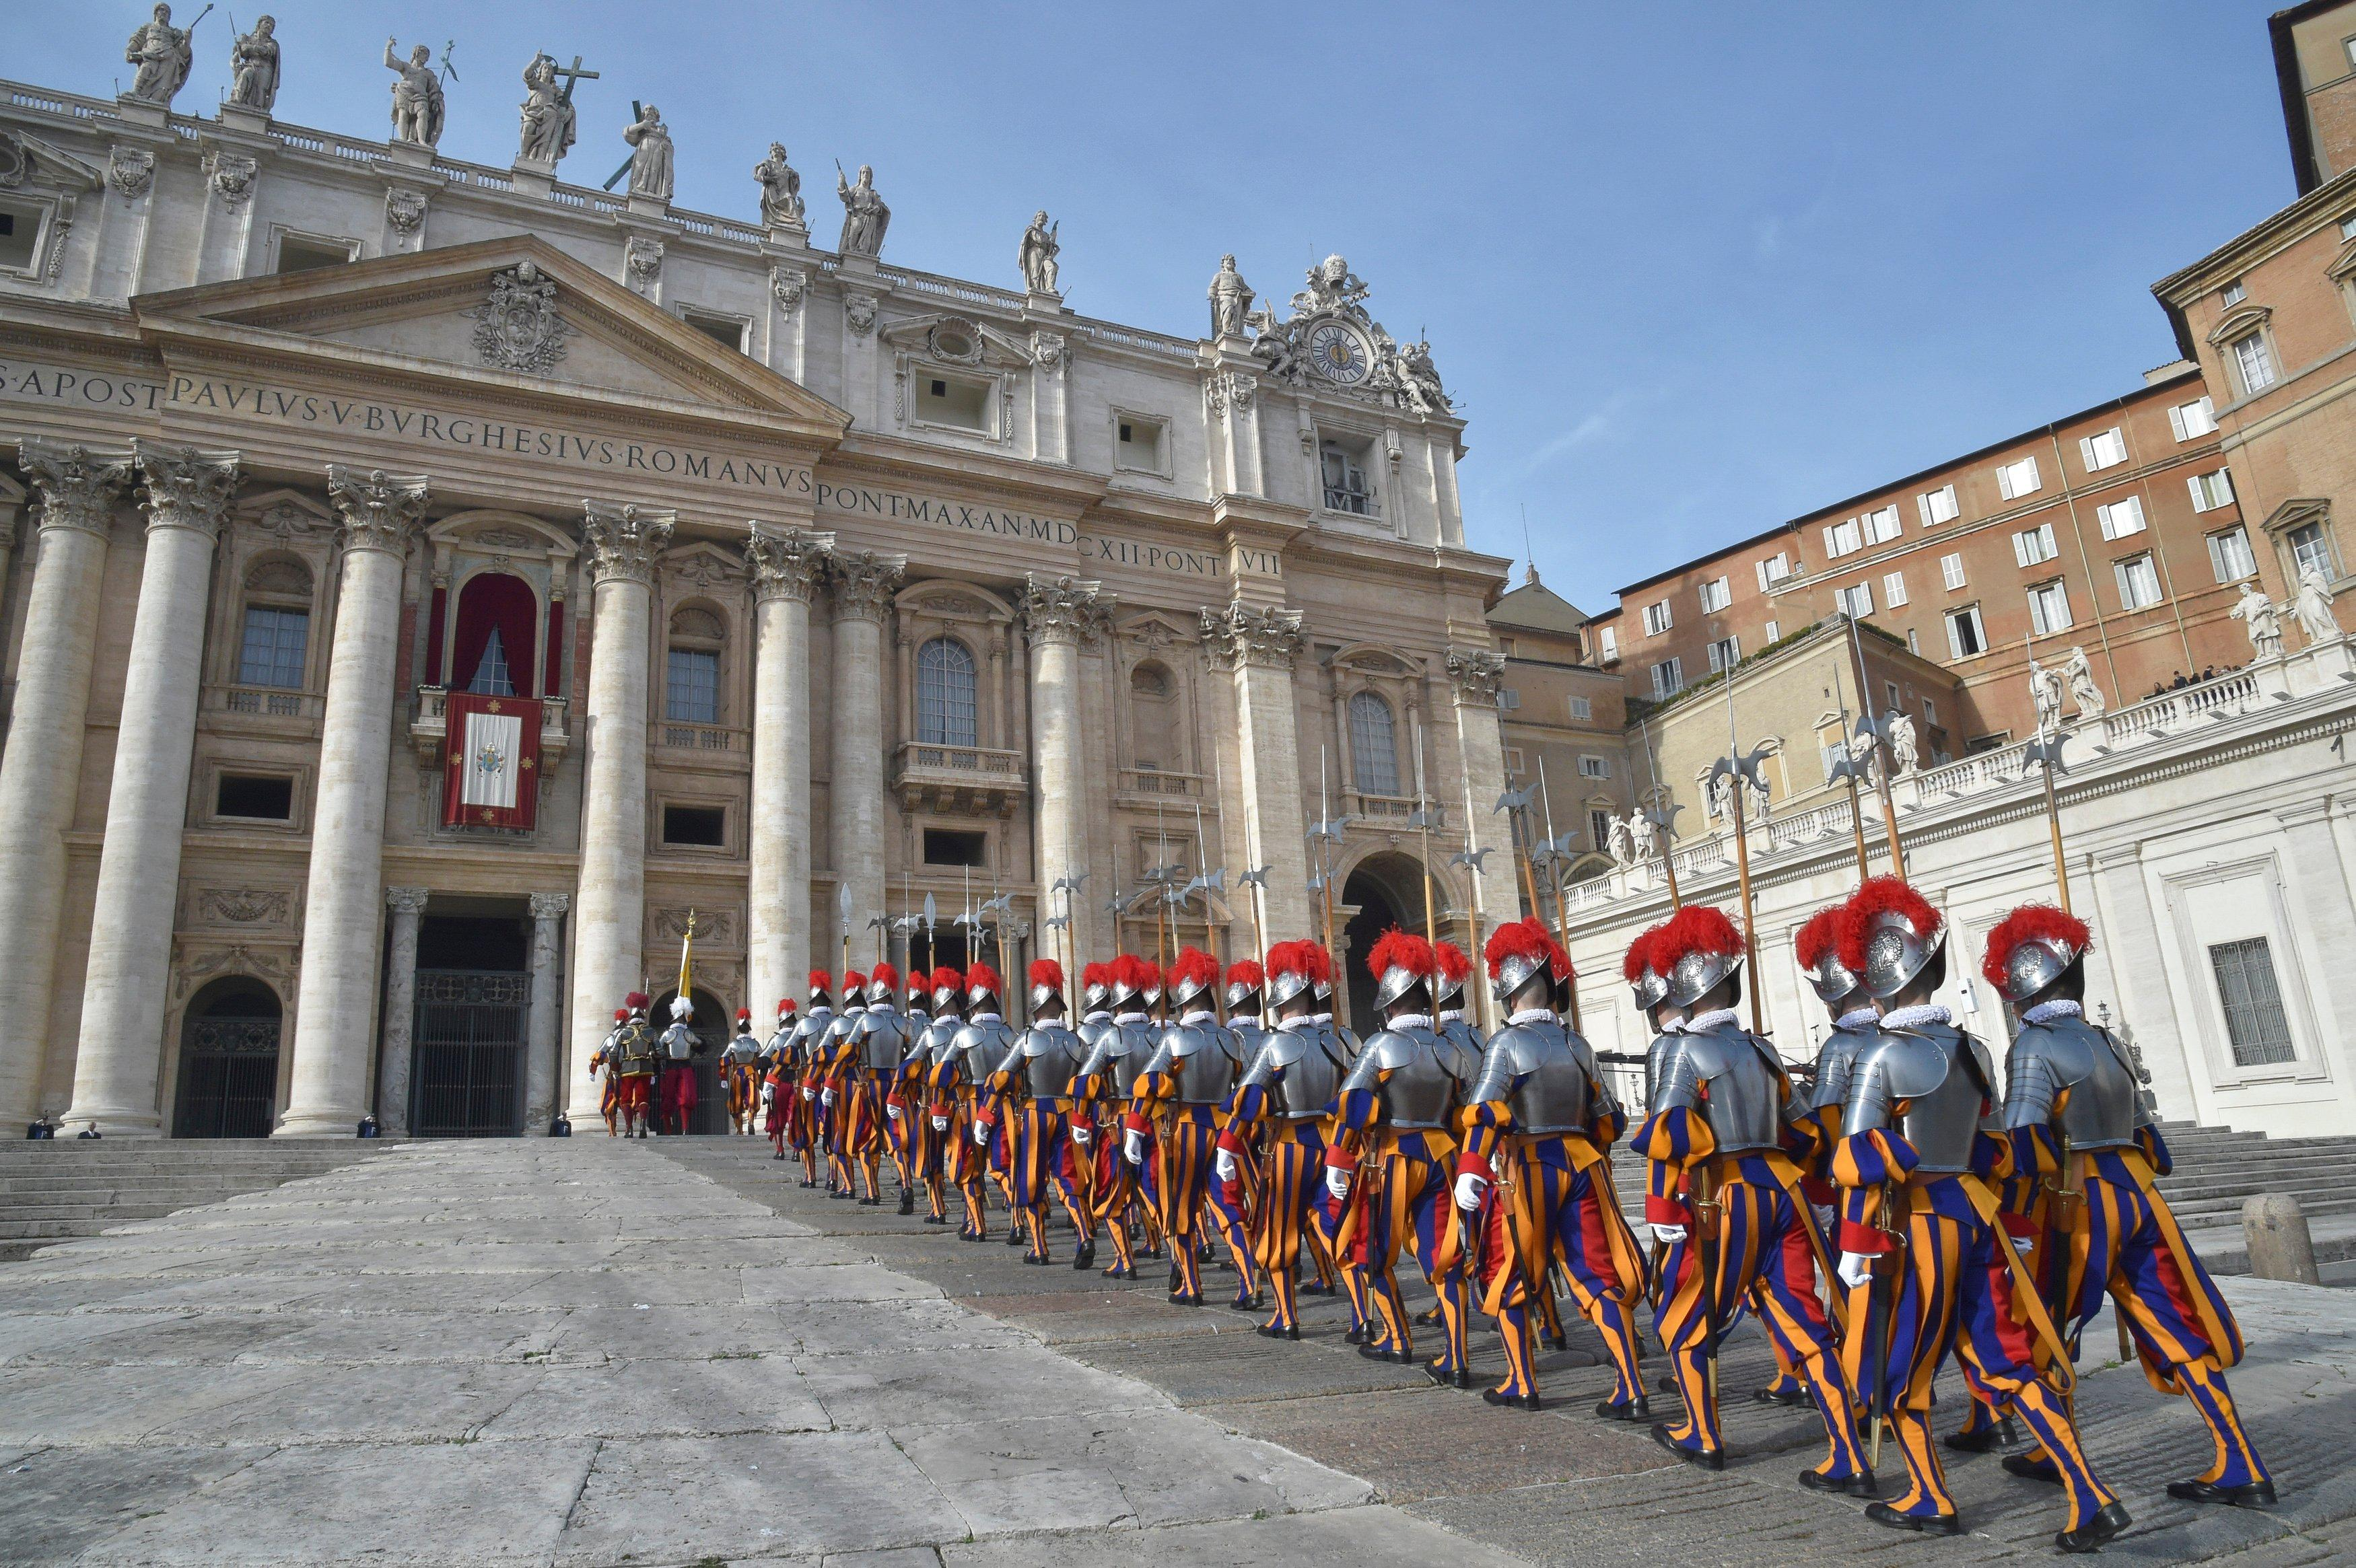 Guarda Suíça tem proximidade física com o papa e com as pessoas que entram e saem do Vaticano